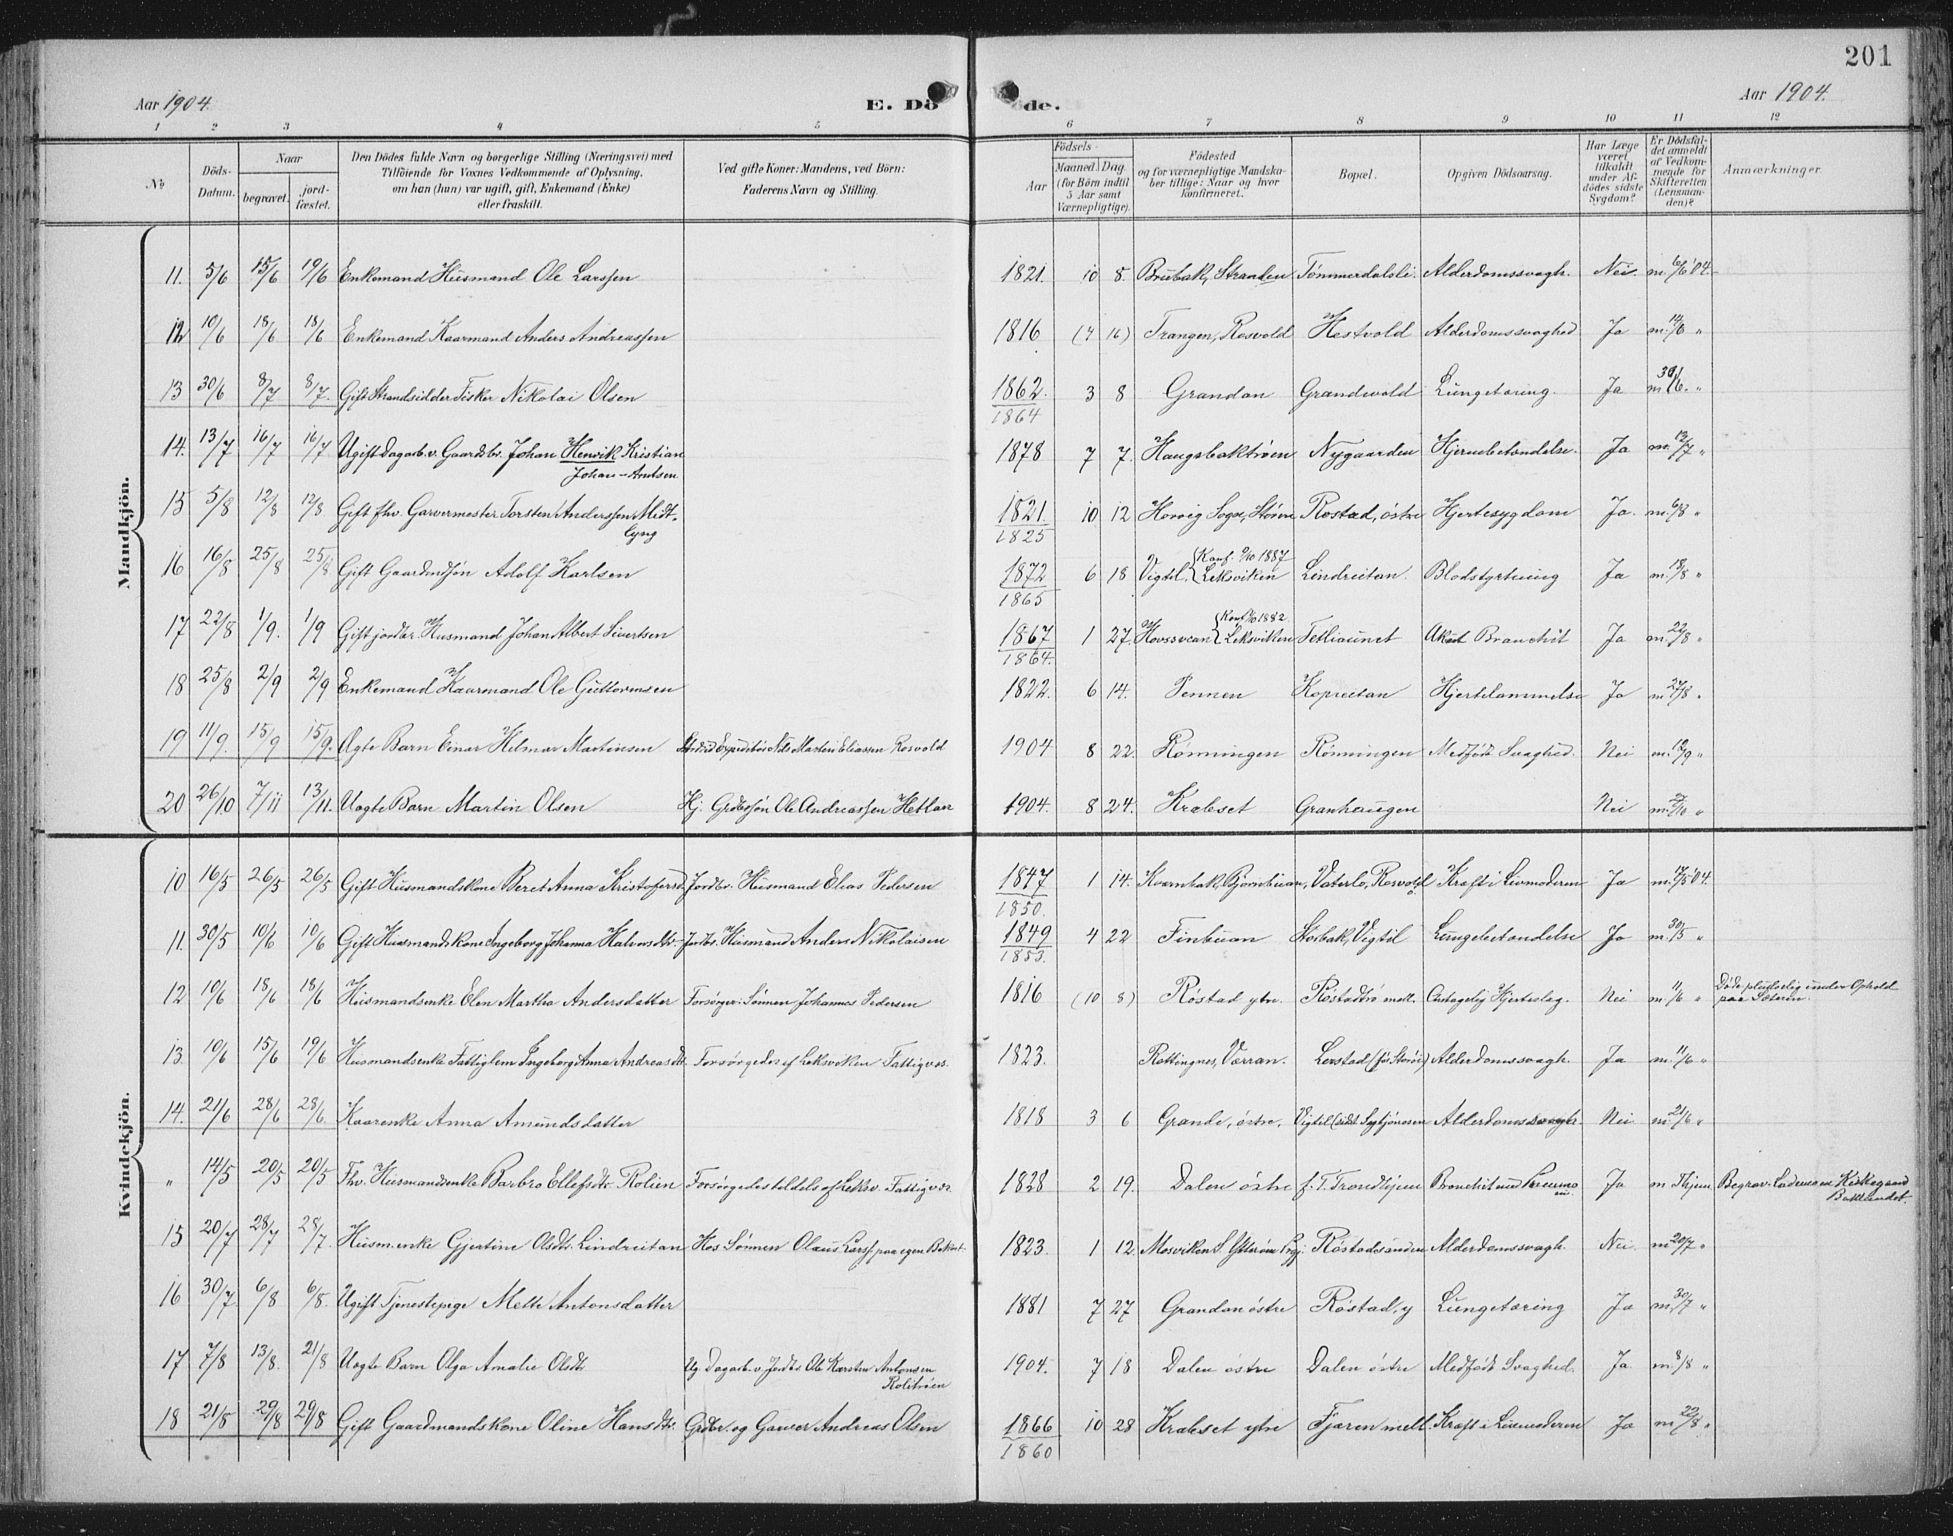 SAT, Ministerialprotokoller, klokkerbøker og fødselsregistre - Nord-Trøndelag, 701/L0011: Parish register (official) no. 701A11, 1899-1915, p. 201